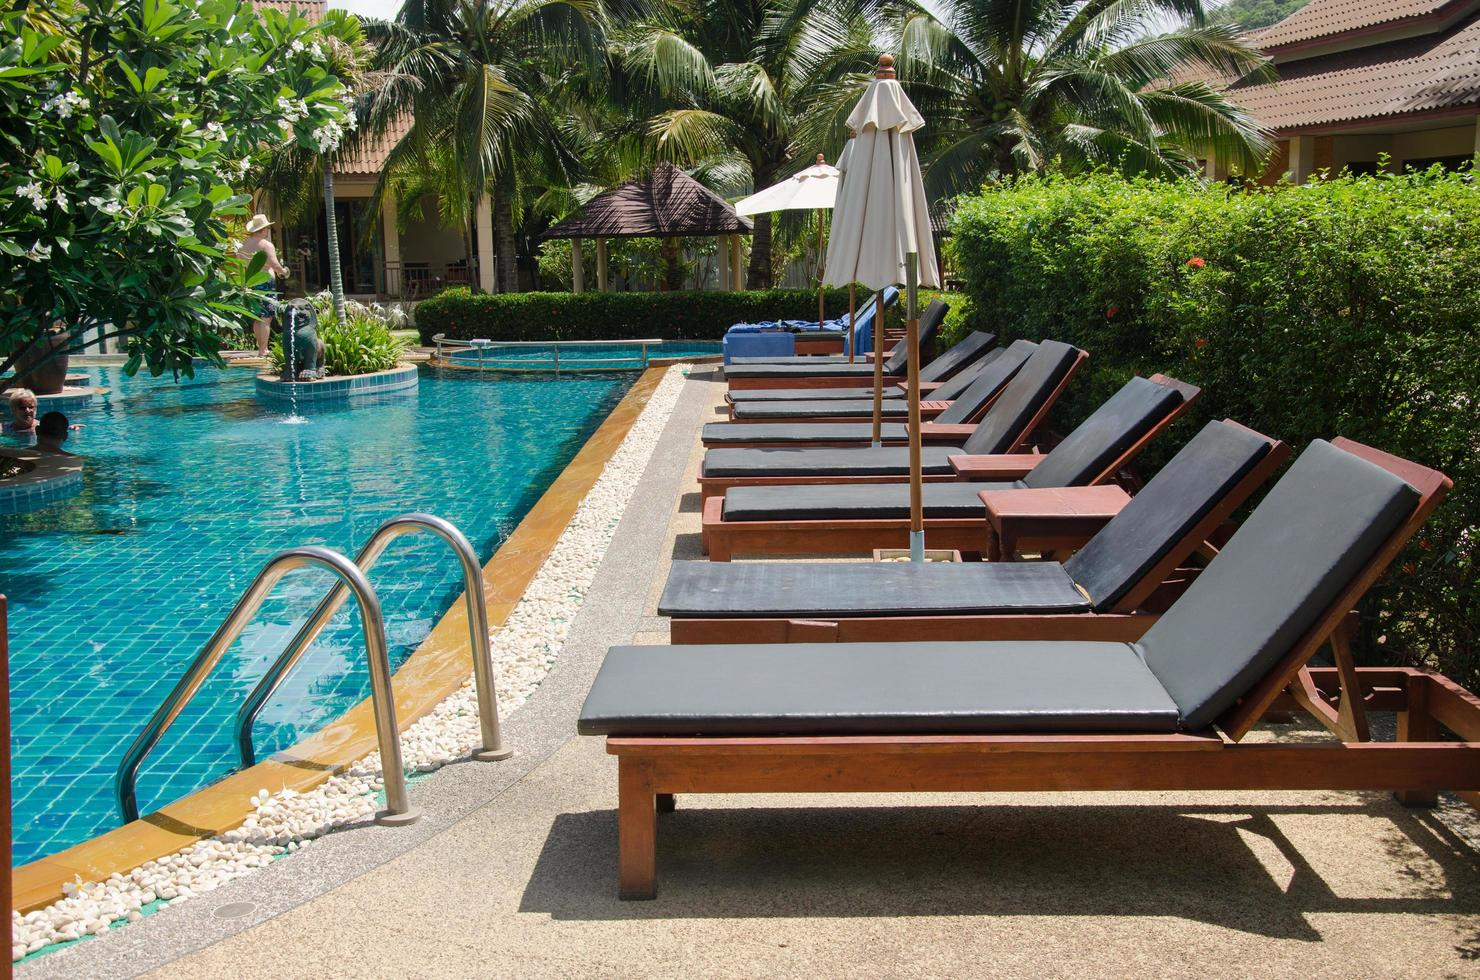 chaises longues dans une piscine de villégiature photo